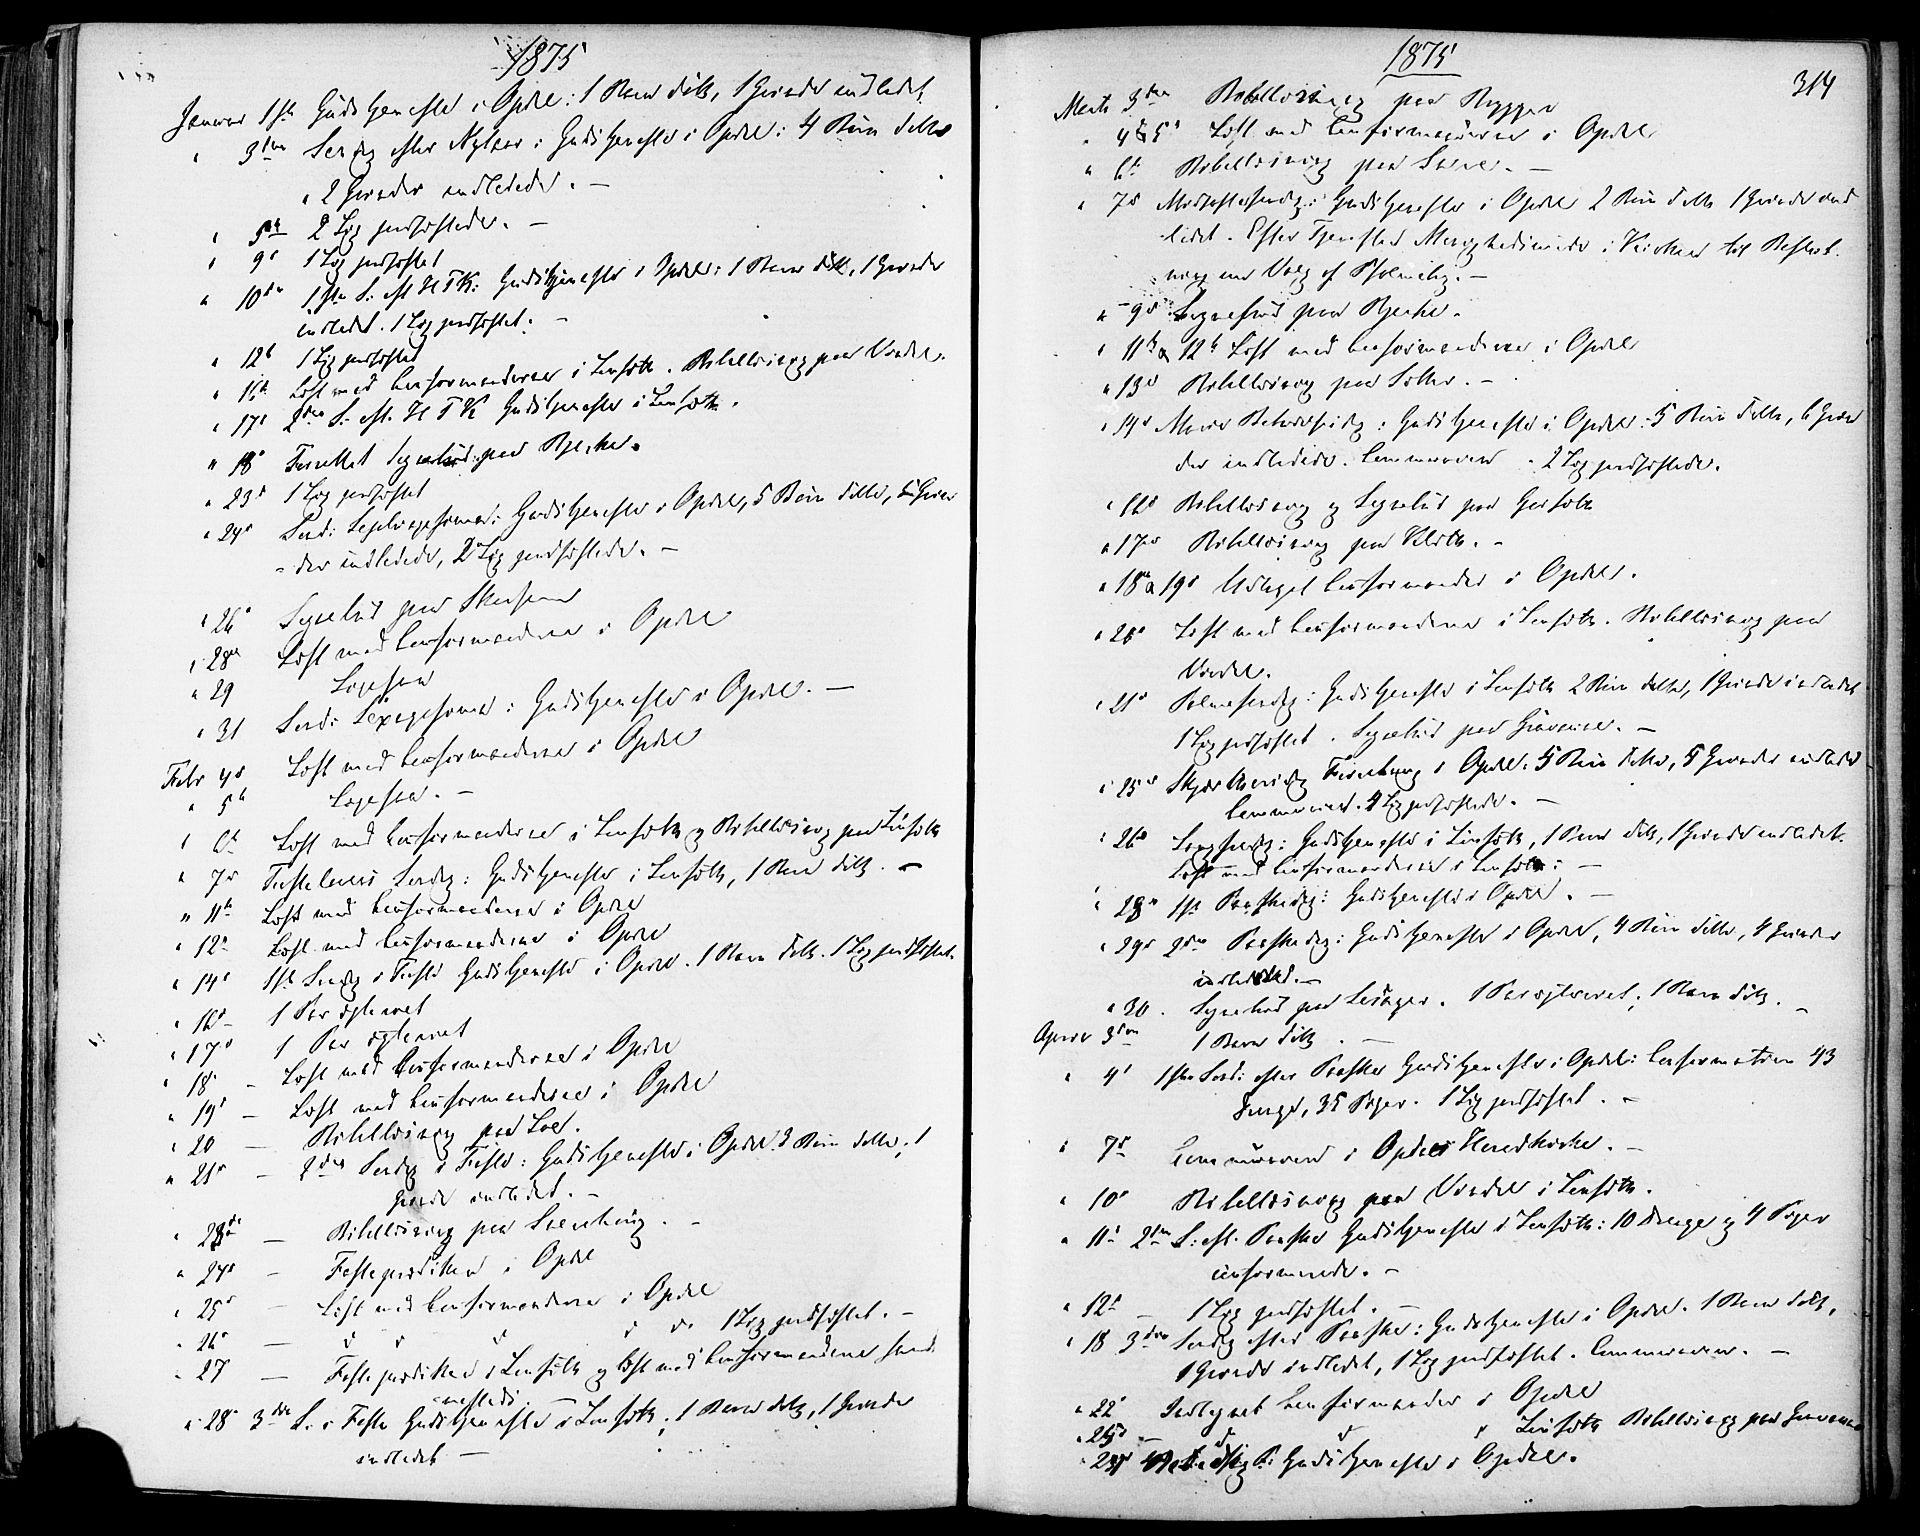 SAT, Ministerialprotokoller, klokkerbøker og fødselsregistre - Sør-Trøndelag, 678/L0900: Ministerialbok nr. 678A09, 1872-1881, s. 314